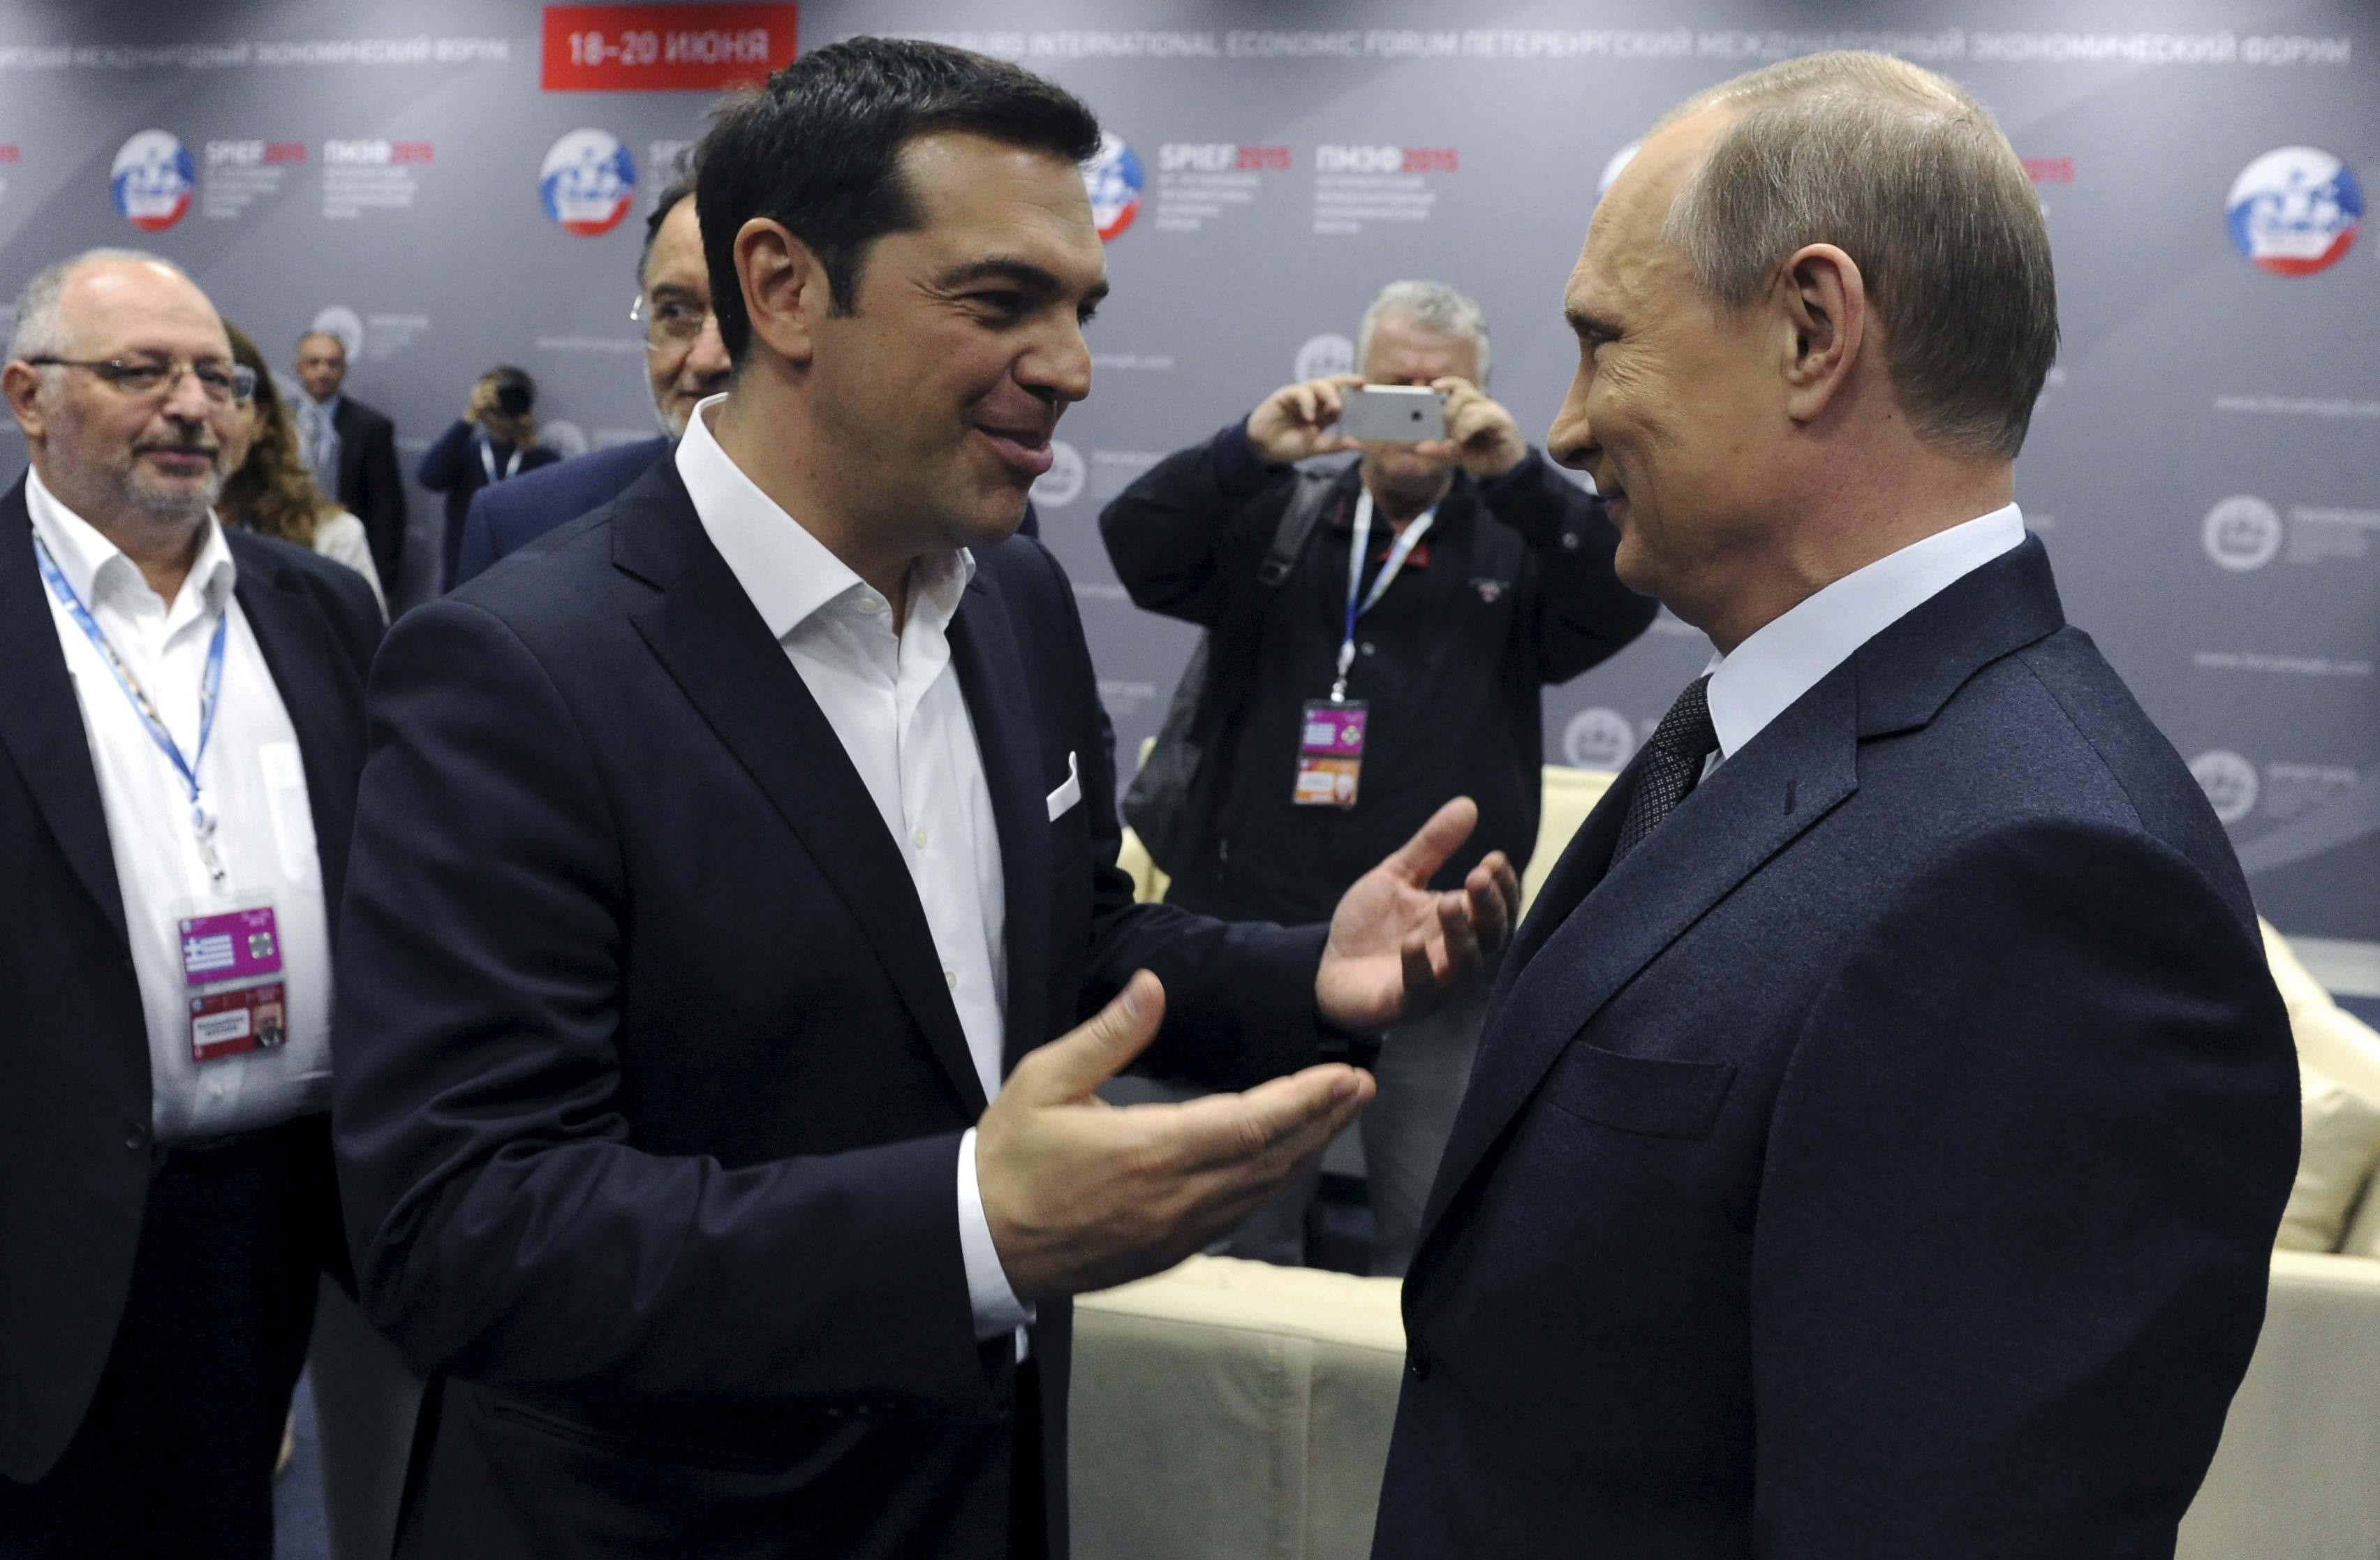 От възможния дефолт на Гърция Русия ще пострада много по-малко от останалите страни, но все пак, последствията могат да бъдат осезаеми.